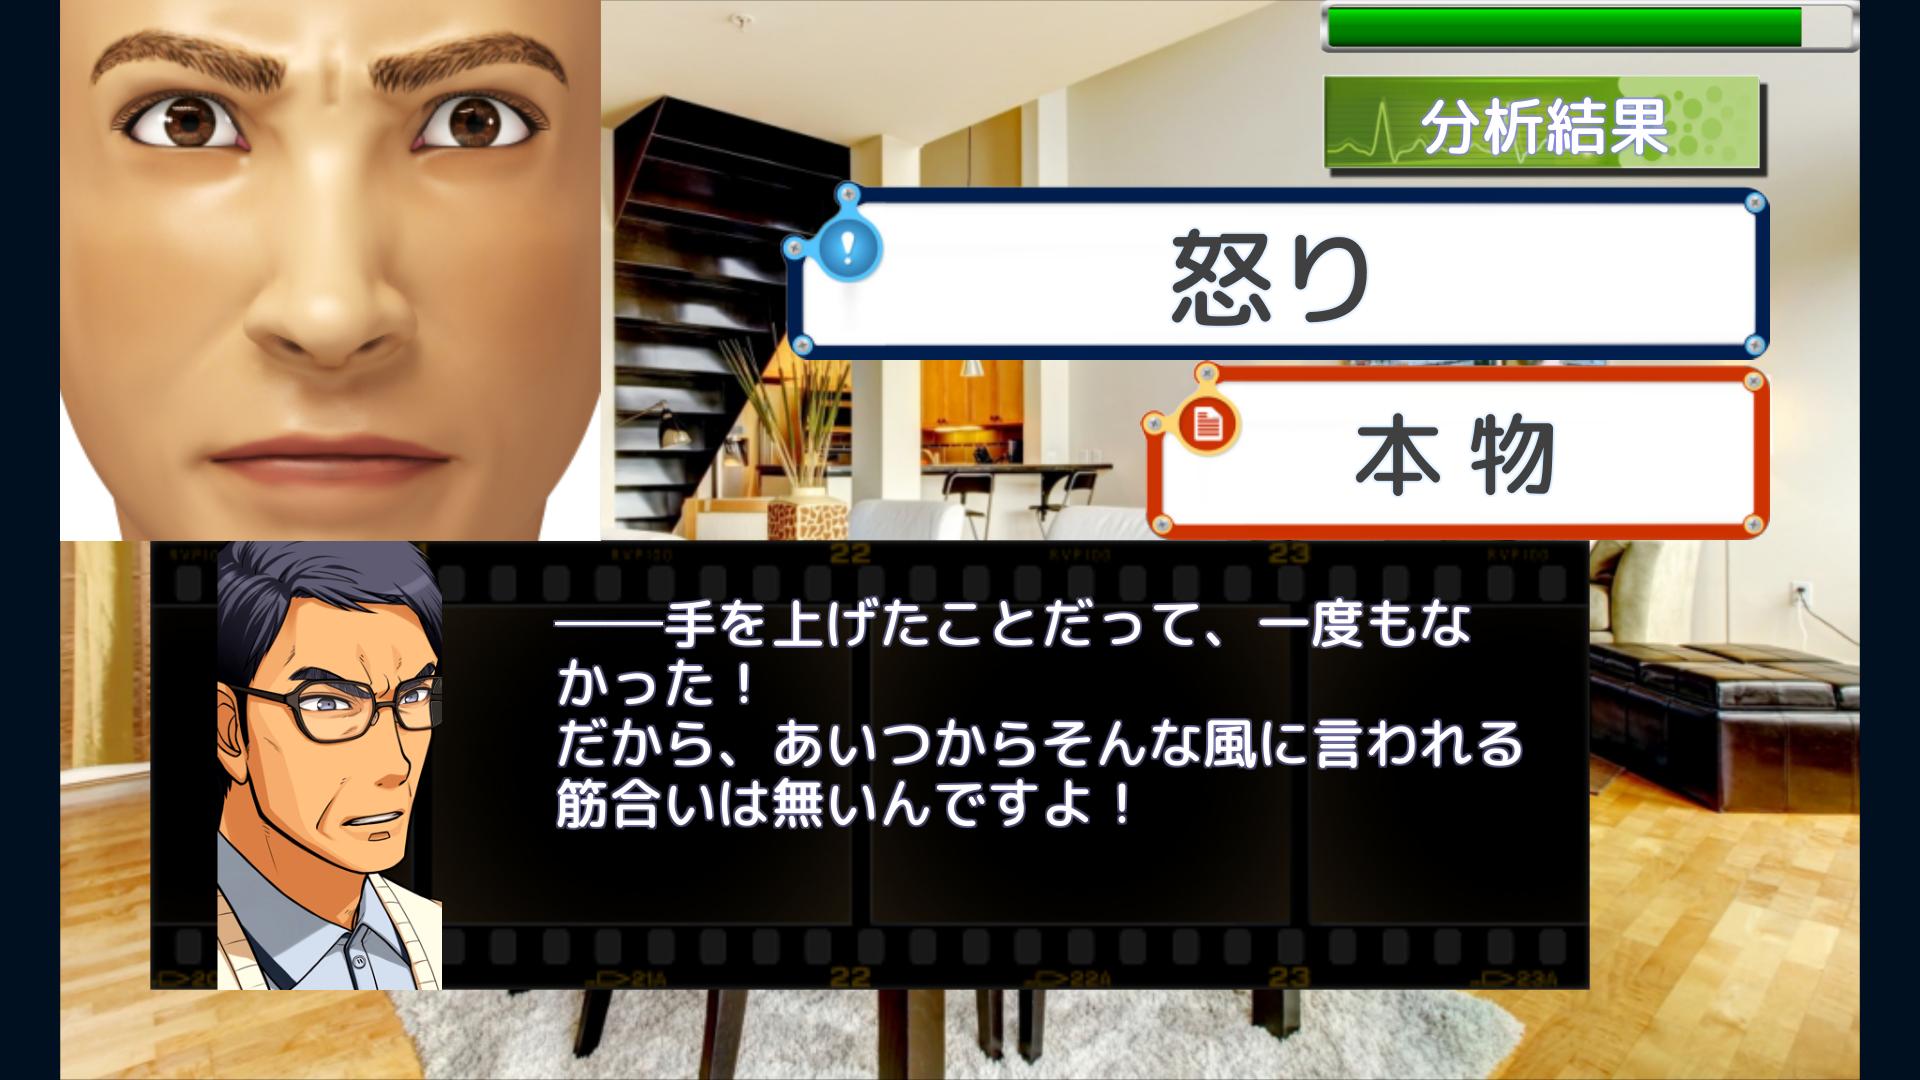 嘘発見人【万目今日助】 新装版 androidアプリスクリーンショット3